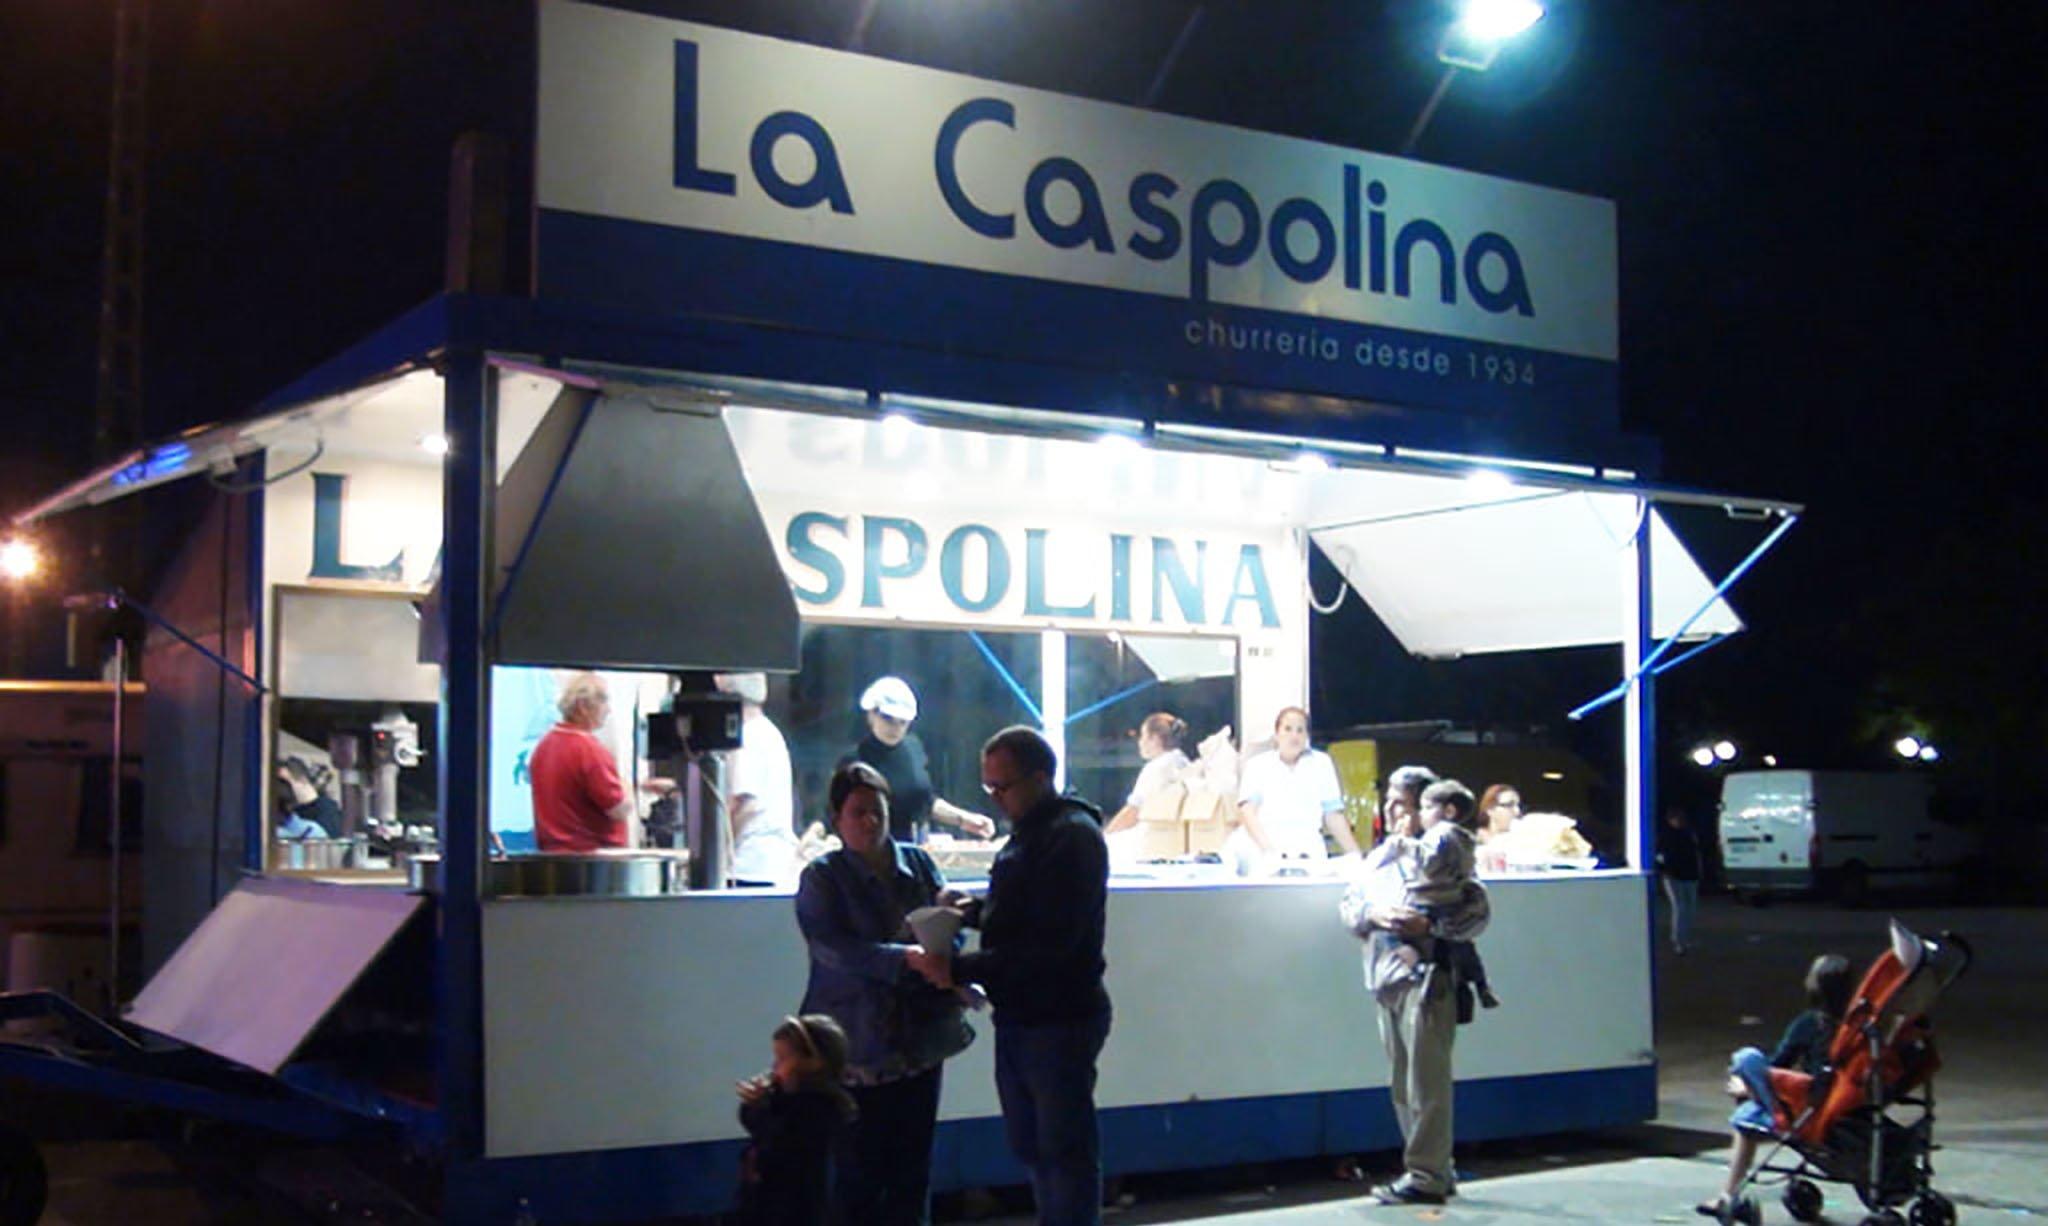 La Caspolina